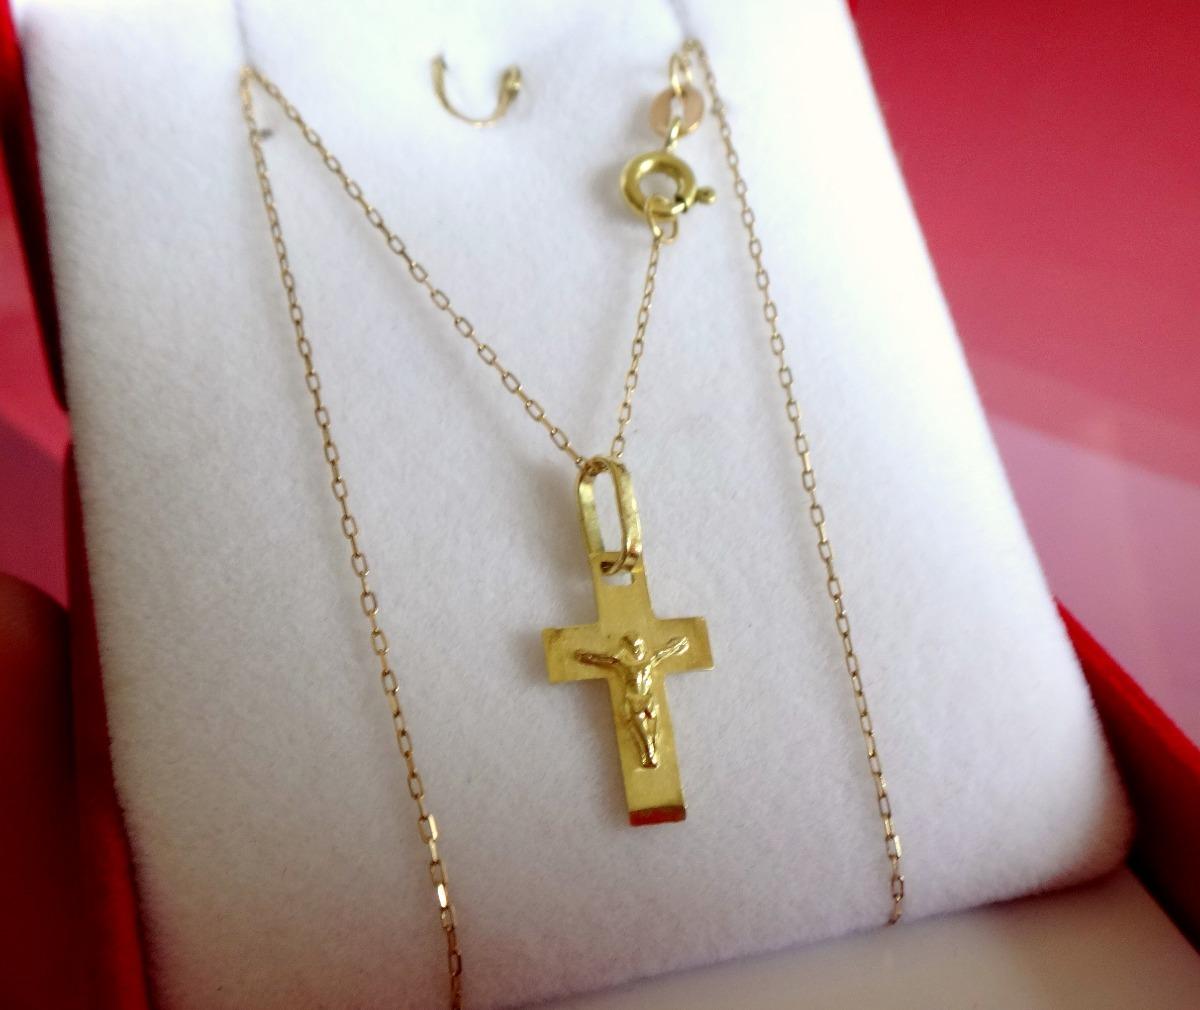 64668b48a6fa conjunto cadena y cruz bautismo comunión oro 18kts jhosua. Cargando zoom.